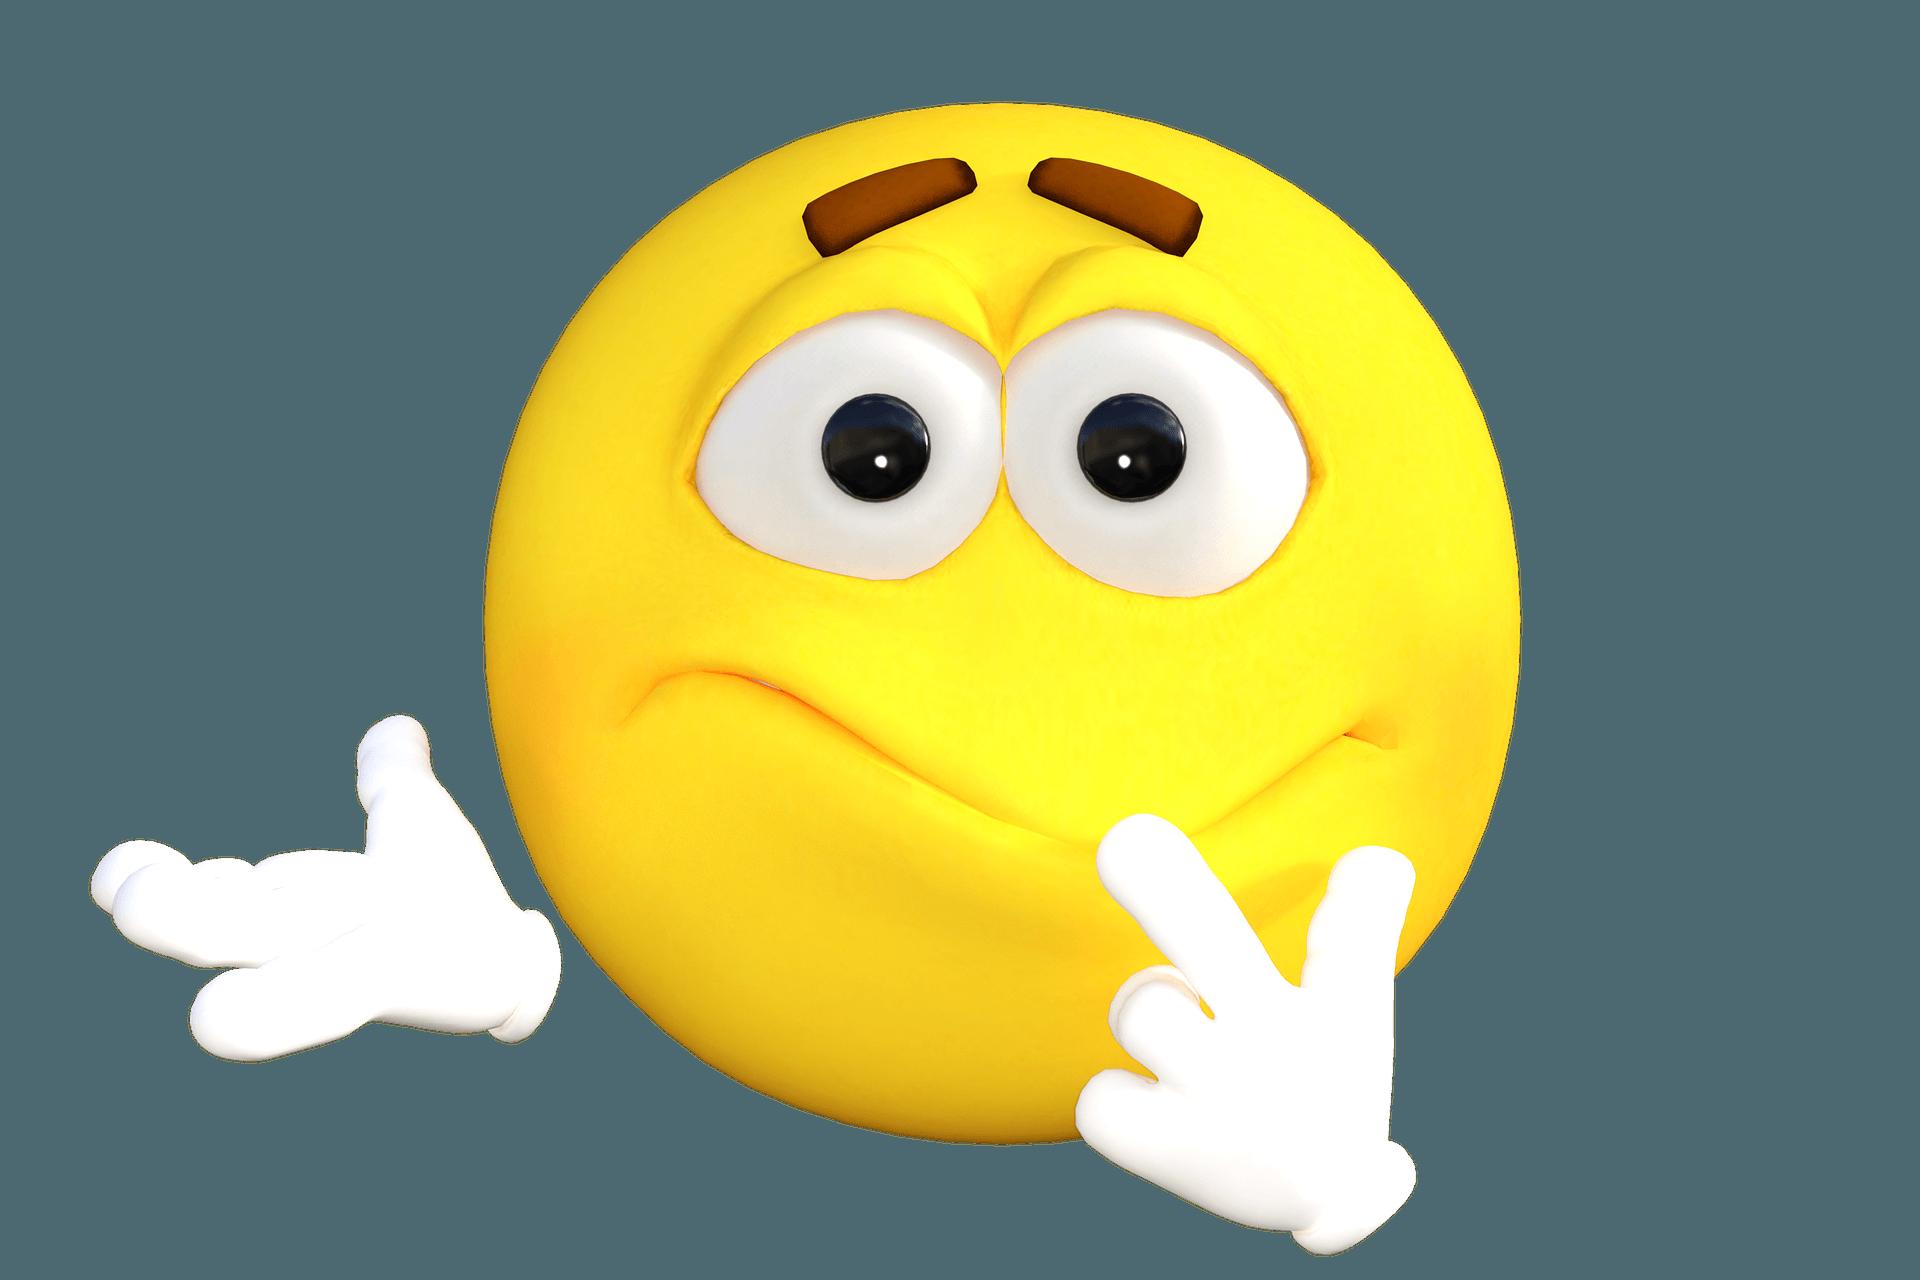 Emoji Marketing Bad